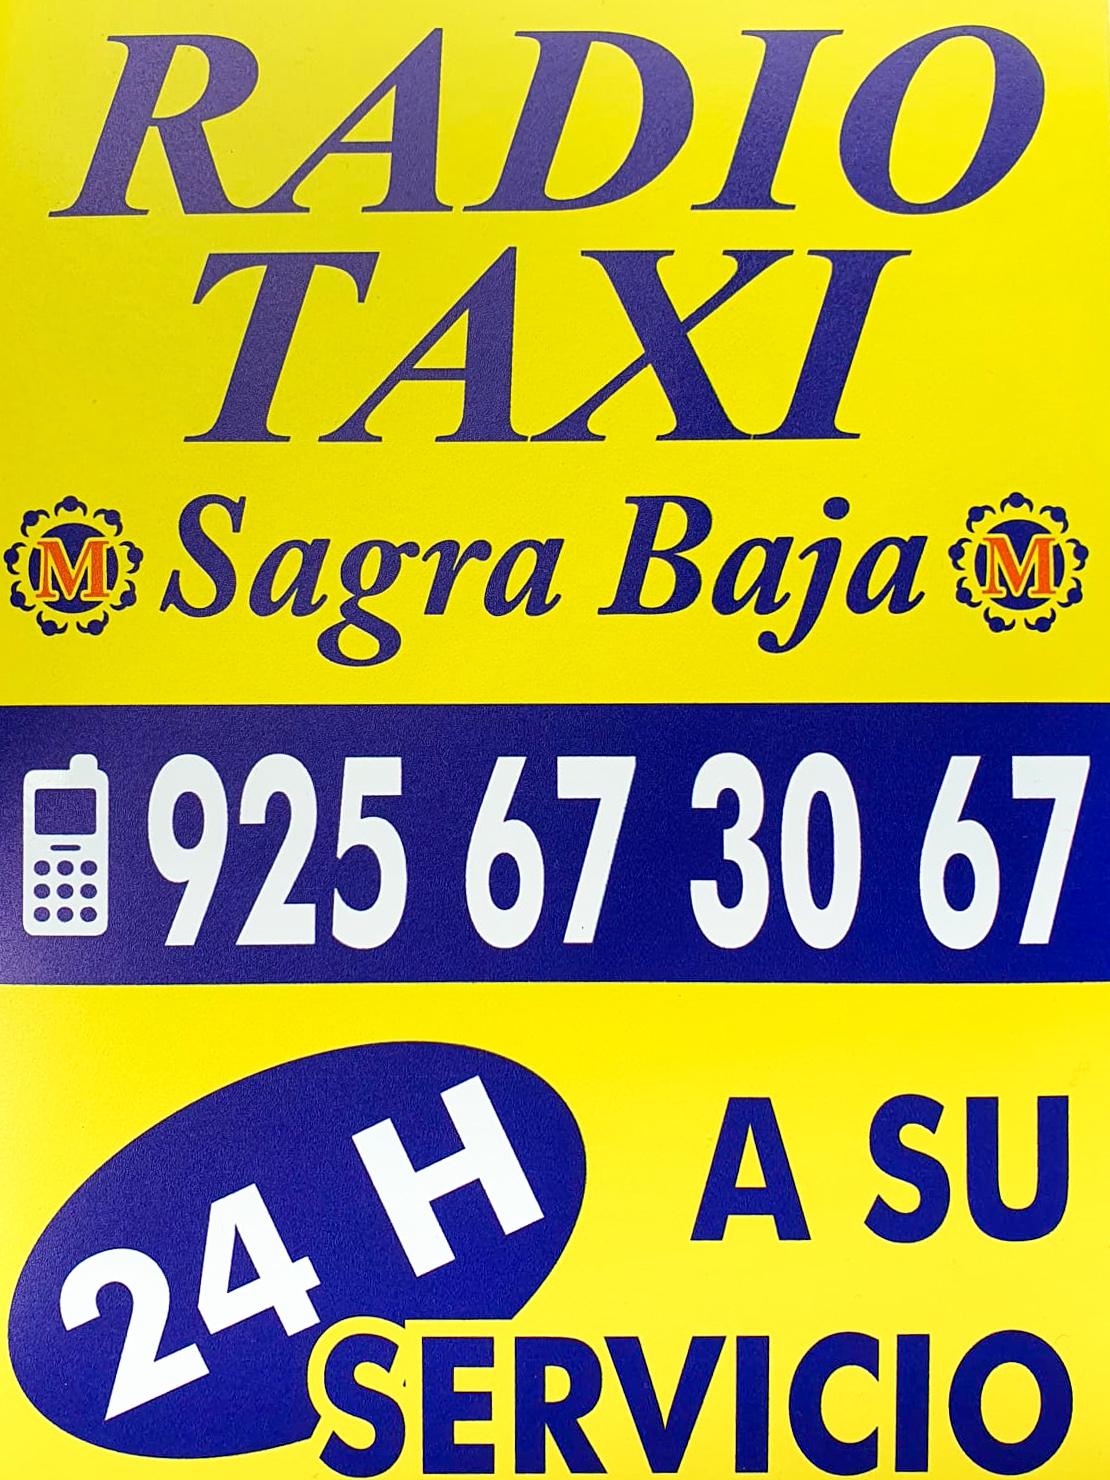 Bargas cuenta con el servicio de Radio Taxi 24 horas al día